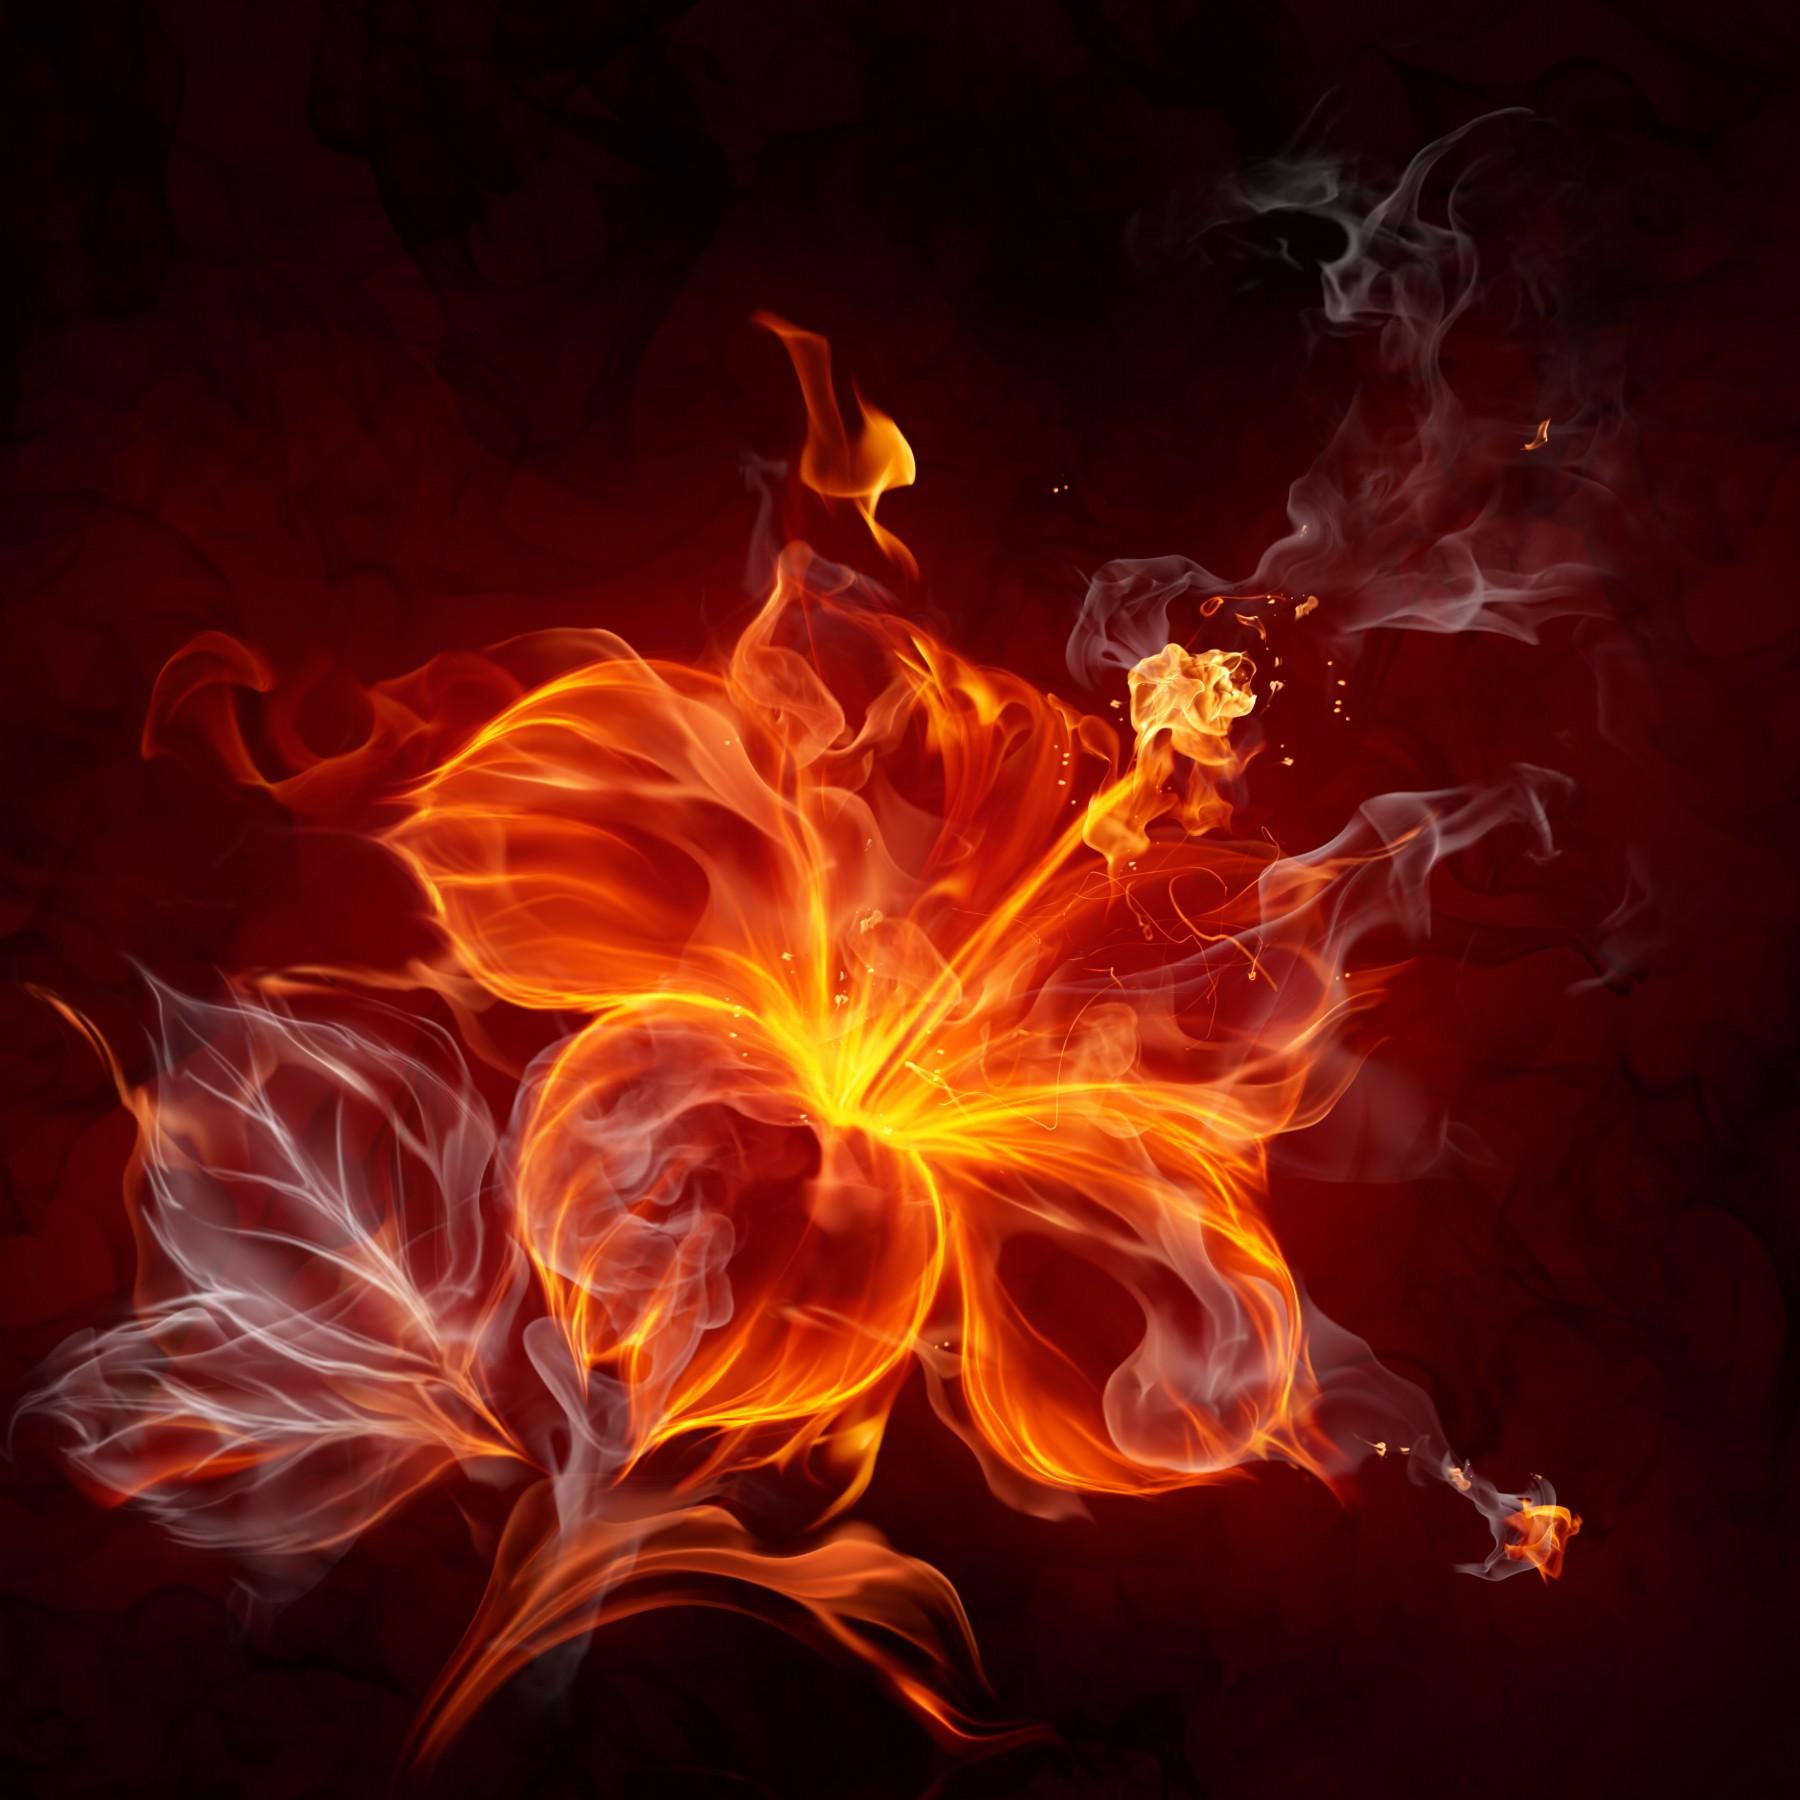 会声会影火焰动态素材